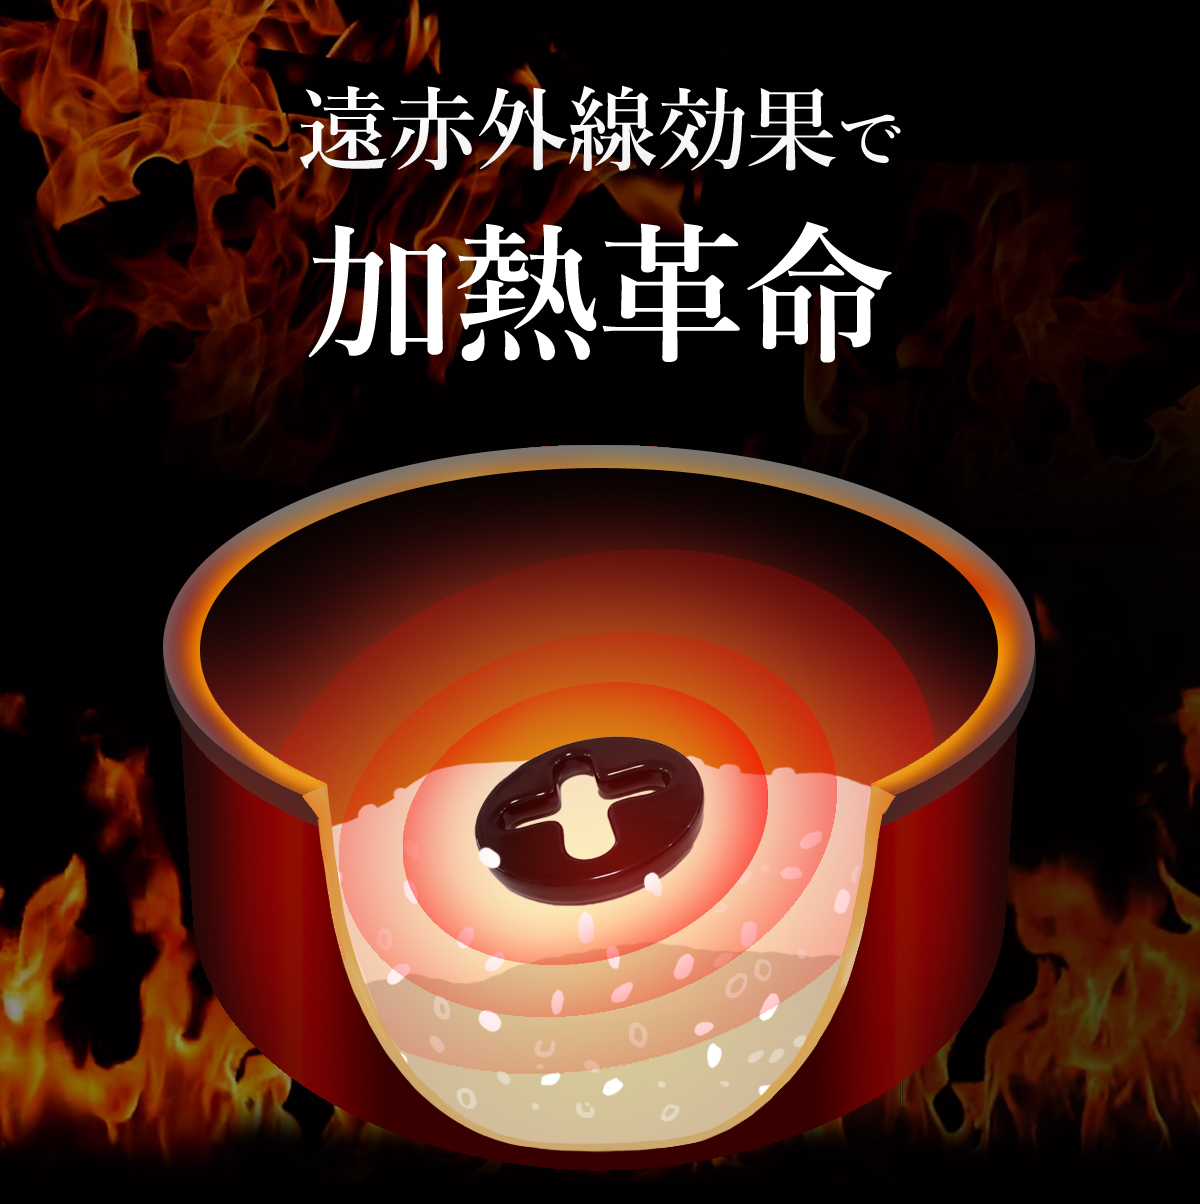 遠赤外線調理器具炊飯名人たける